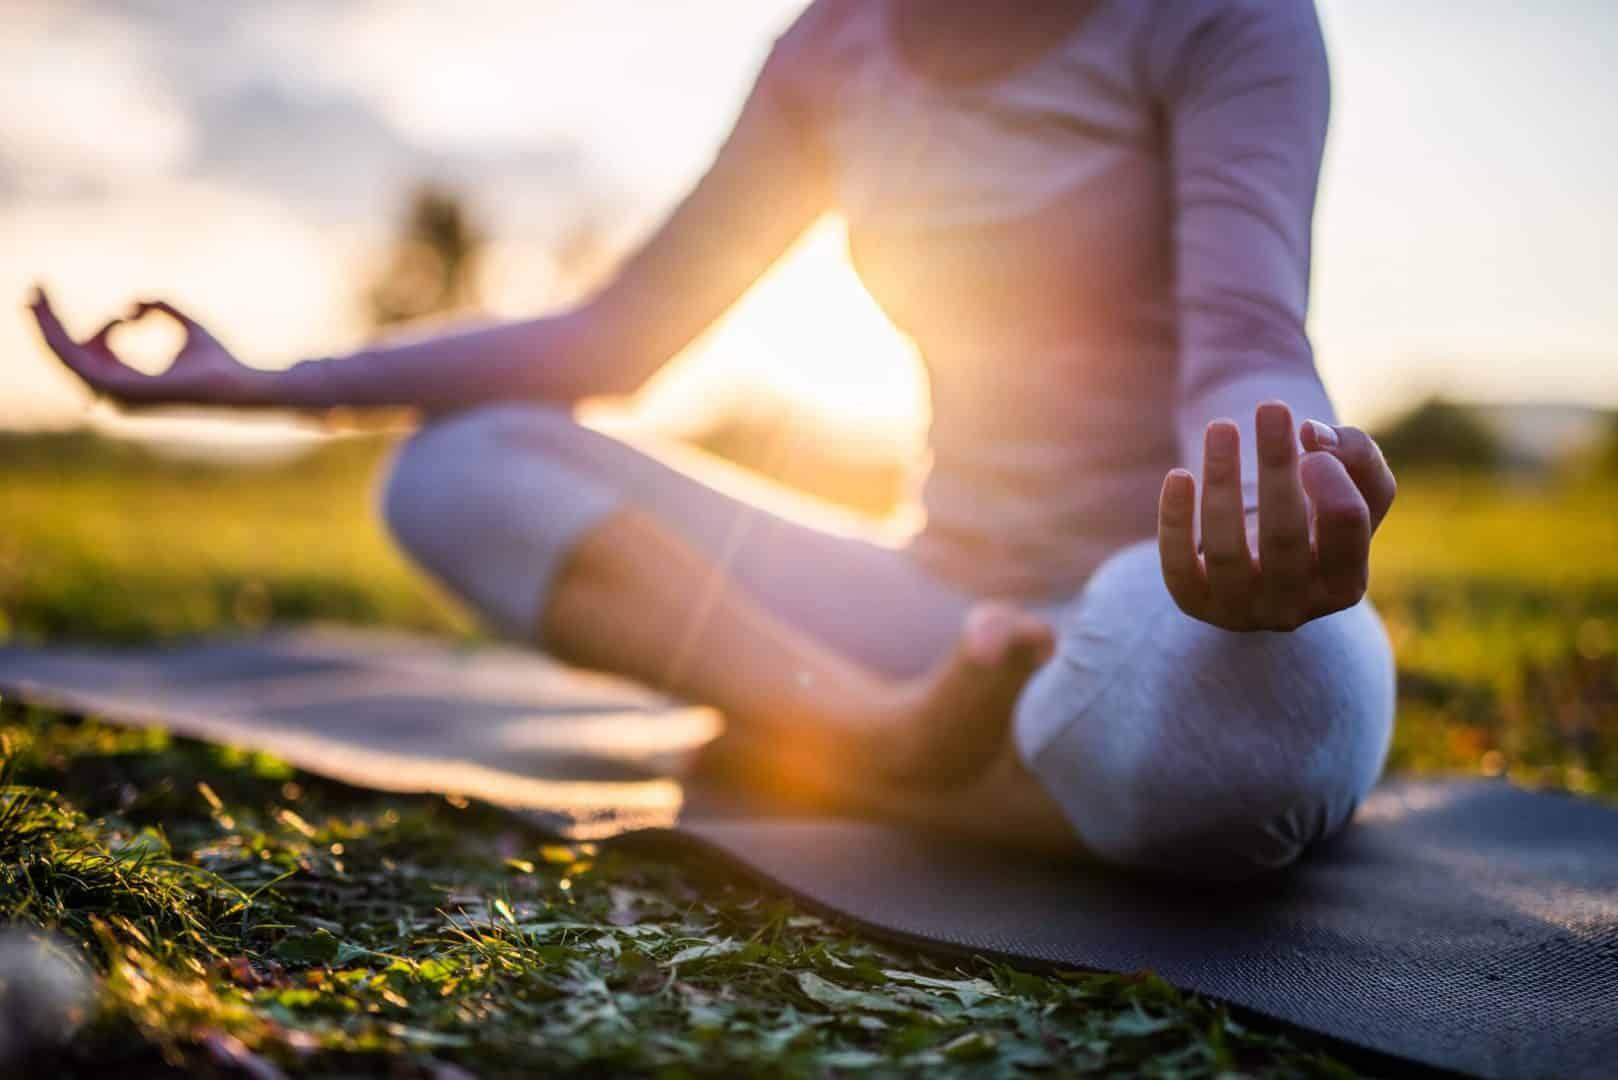 Como meditar - Dicas de como meditar para iniciantes